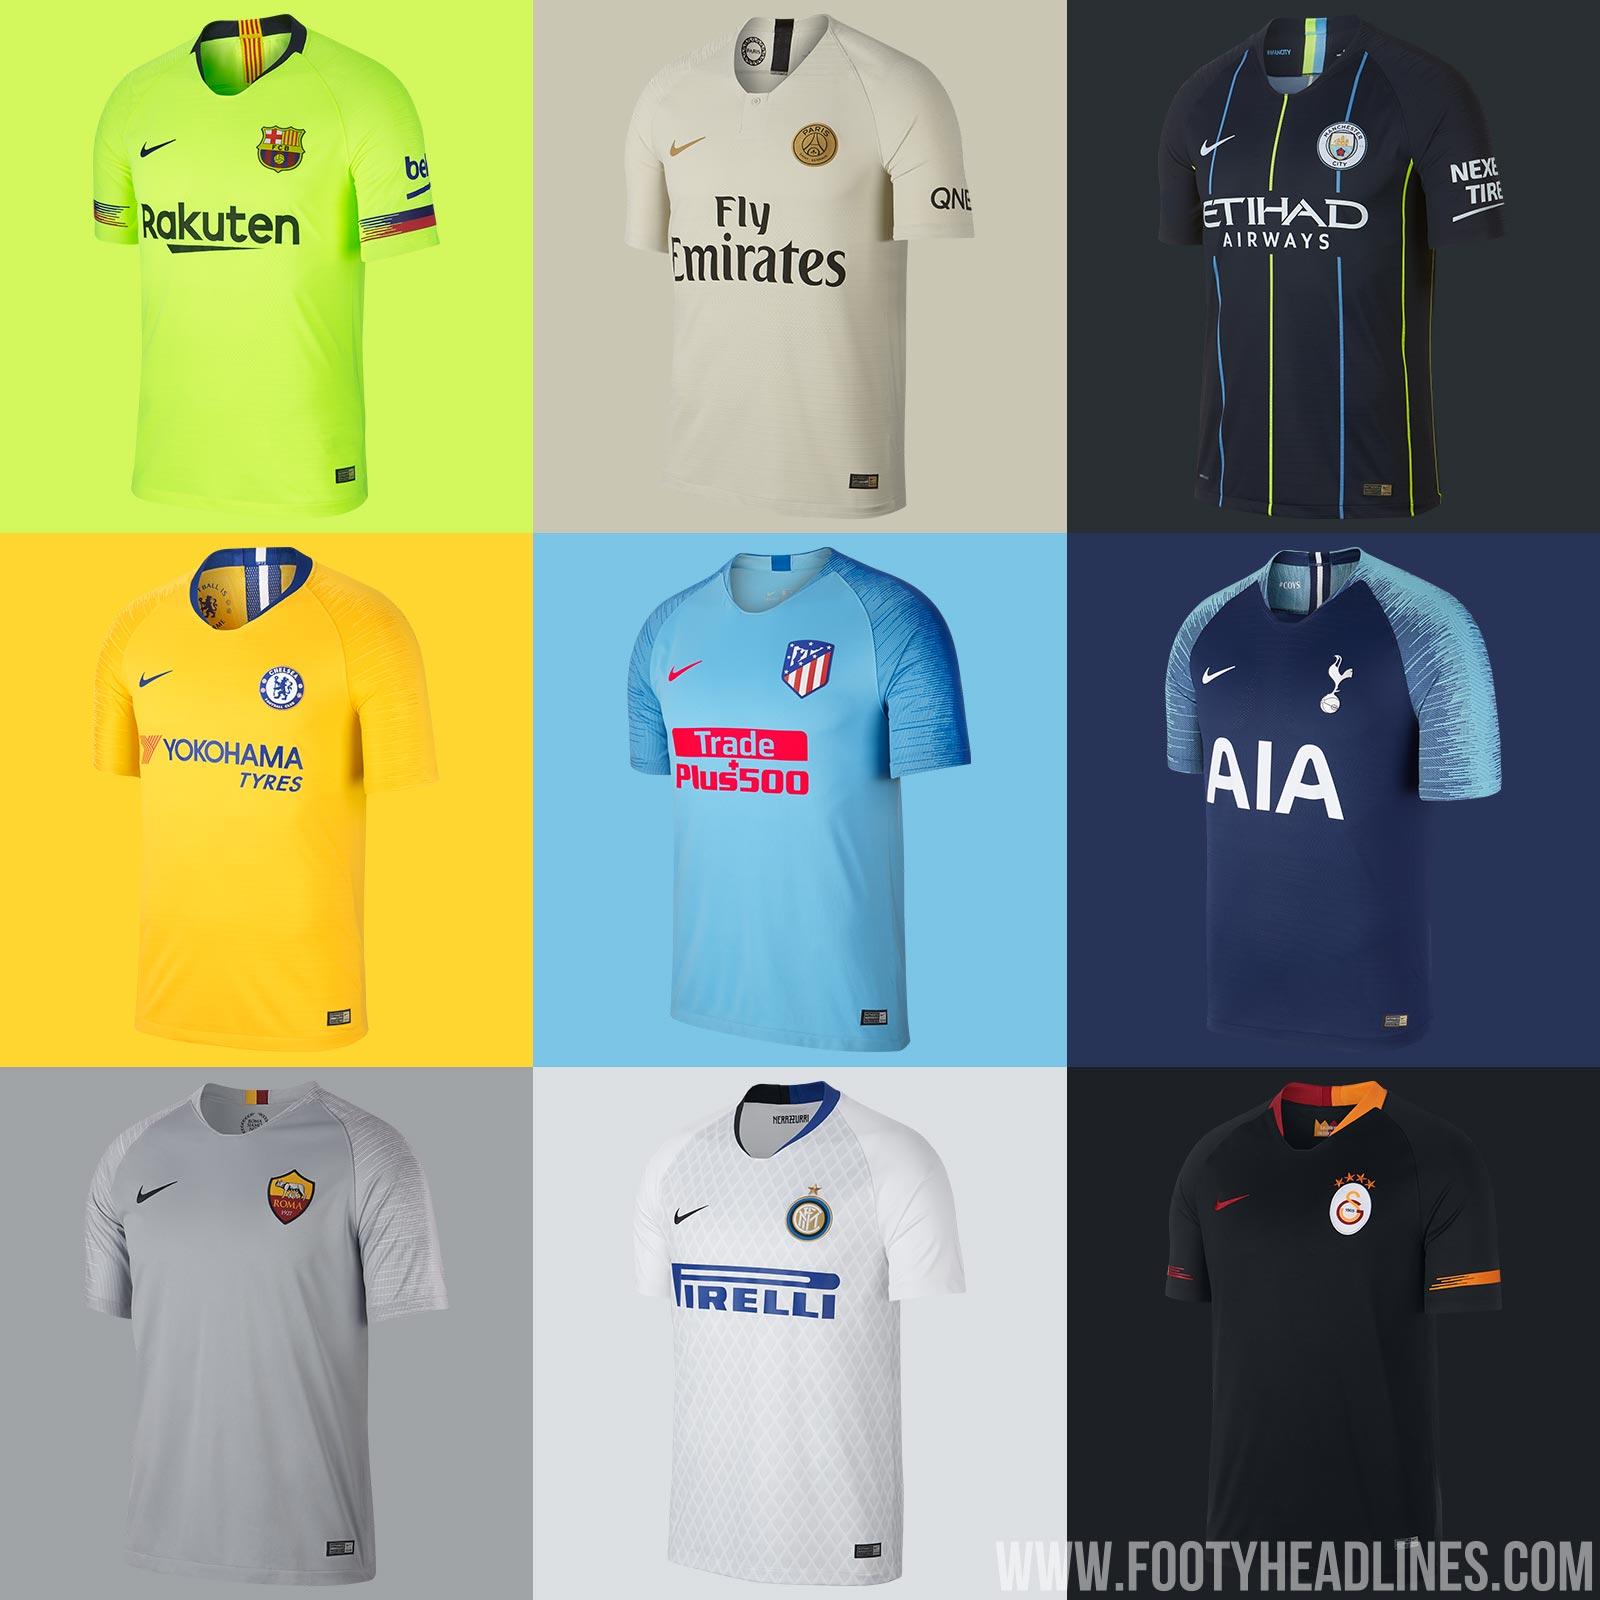 d982c504f Barcelona 18-19 Away Kit